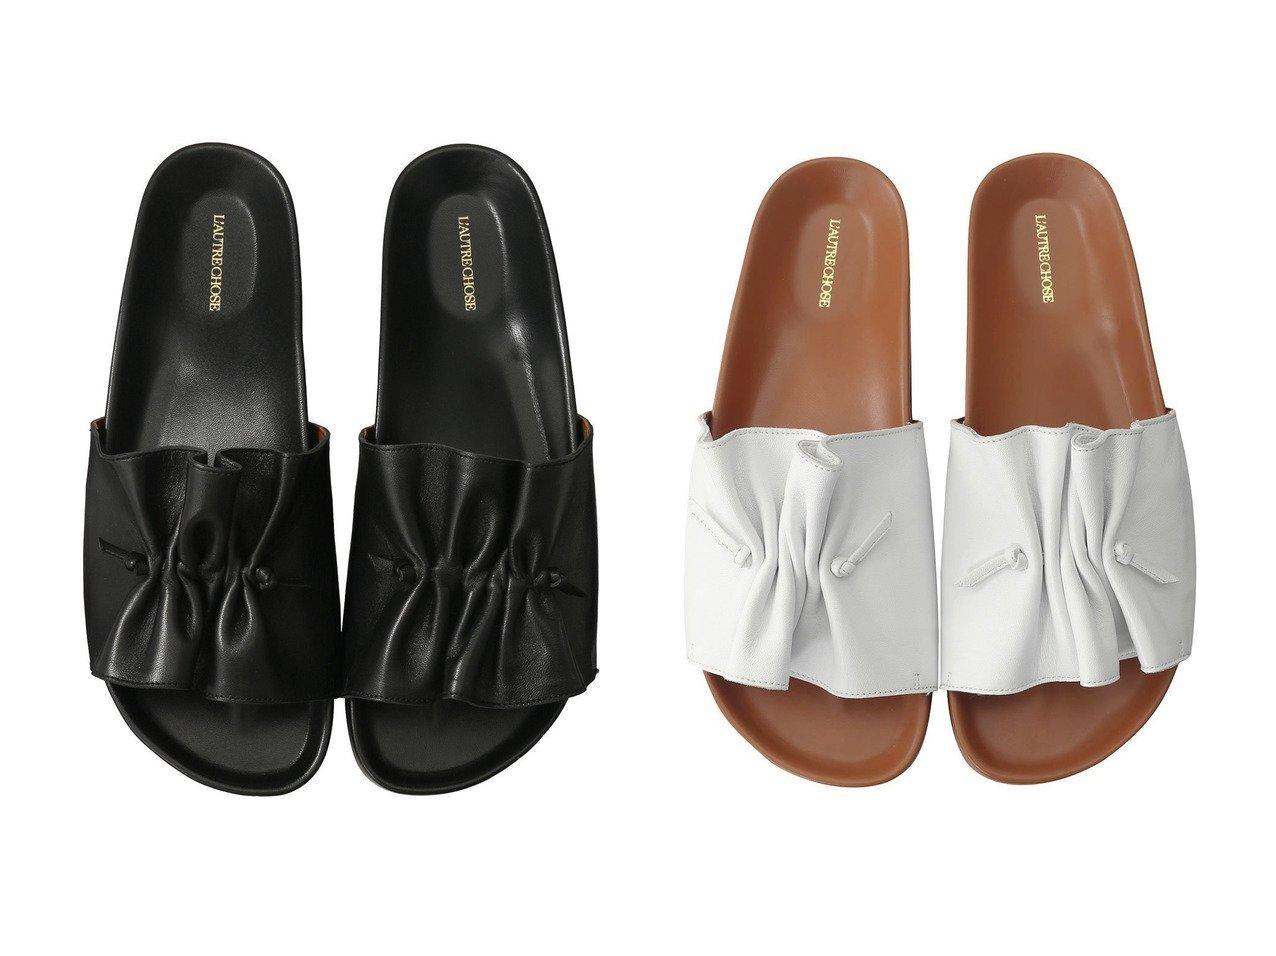 【L'AUTRE CHOSE/ロートル ショーズ】のギャザーフットベッドサンダル シューズ・靴のおすすめ!人気、トレンド・レディースファッションの通販 おすすめで人気の流行・トレンド、ファッションの通販商品 メンズファッション・キッズファッション・インテリア・家具・レディースファッション・服の通販 founy(ファニー) https://founy.com/ ファッション Fashion レディースファッション WOMEN 2021年 2021 2021 春夏 S/S SS Spring/Summer 2021 S/S 春夏 SS Spring/Summer ギャザー サンダル フラット 春 Spring |ID:crp329100000025319